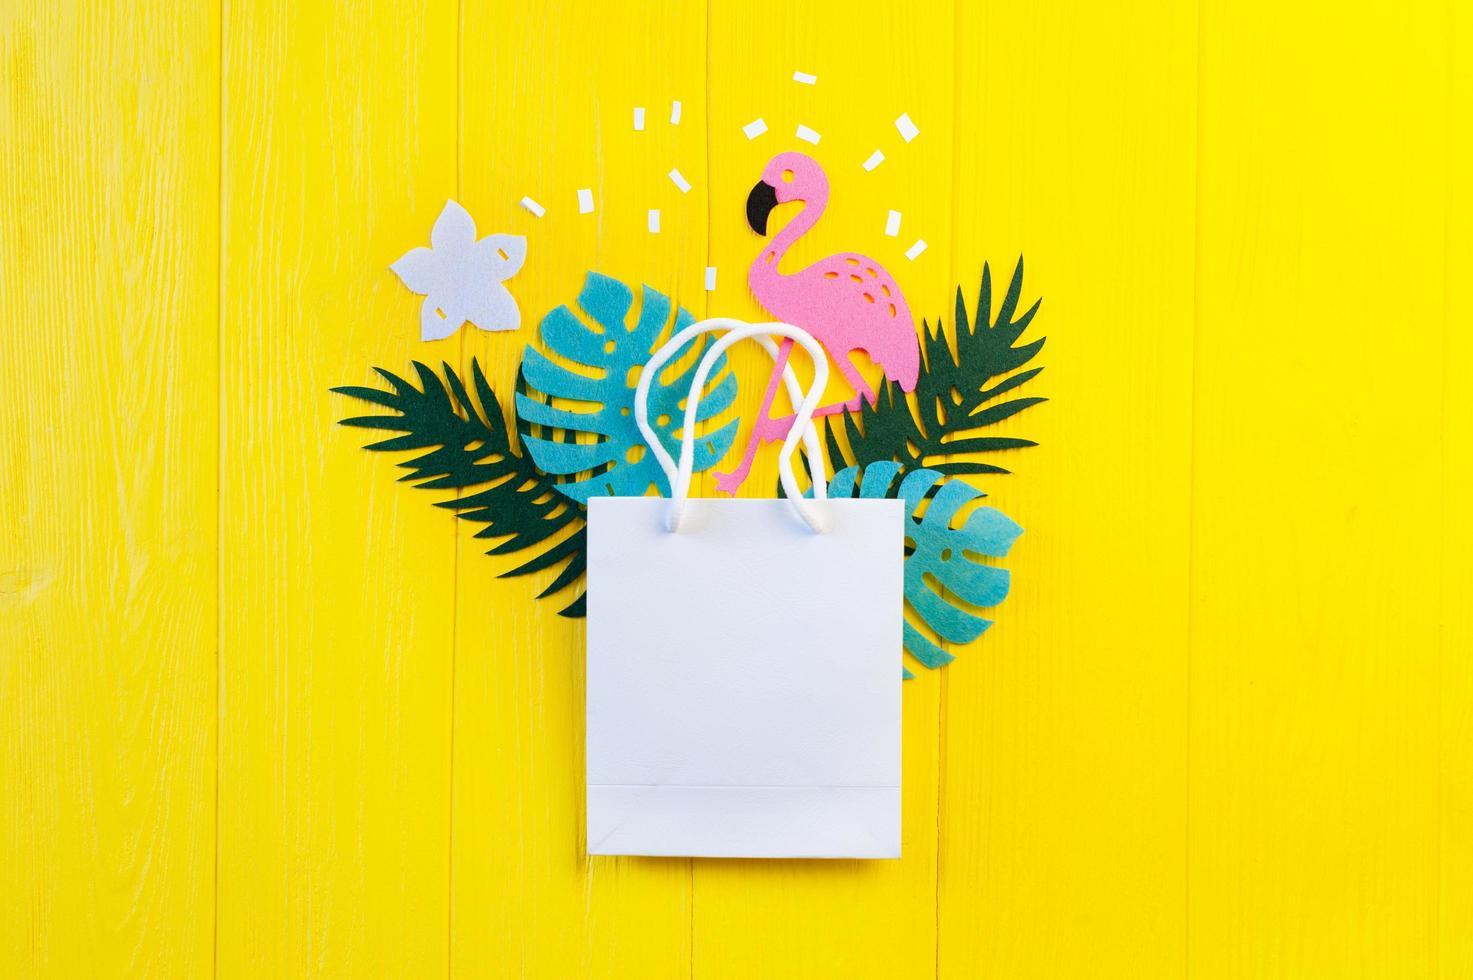 mockup van blanco papier met bladeren en flamingo op gele houten achtergrond foto